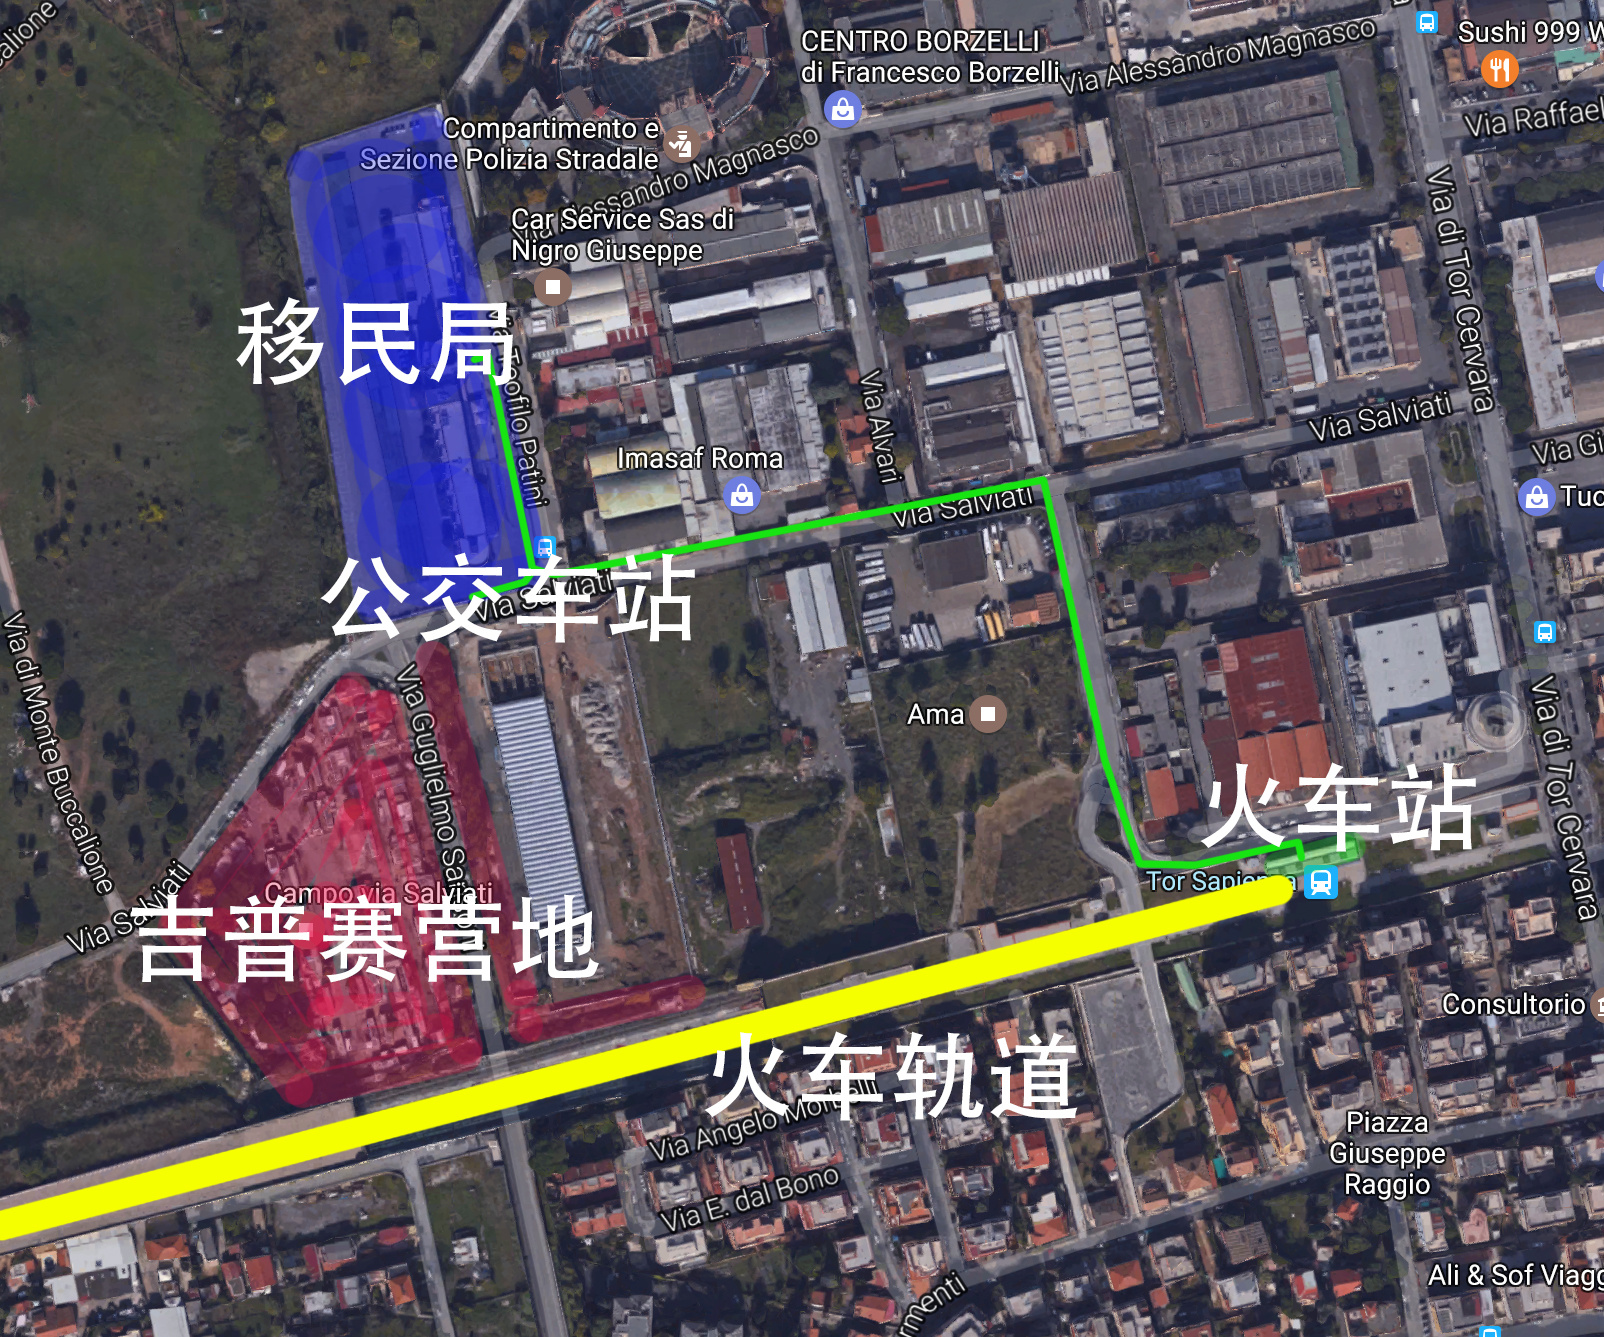 中国 罗马/红色为吉普赛人的活动区域,蓝色为移民局,绿色为通往市中心...